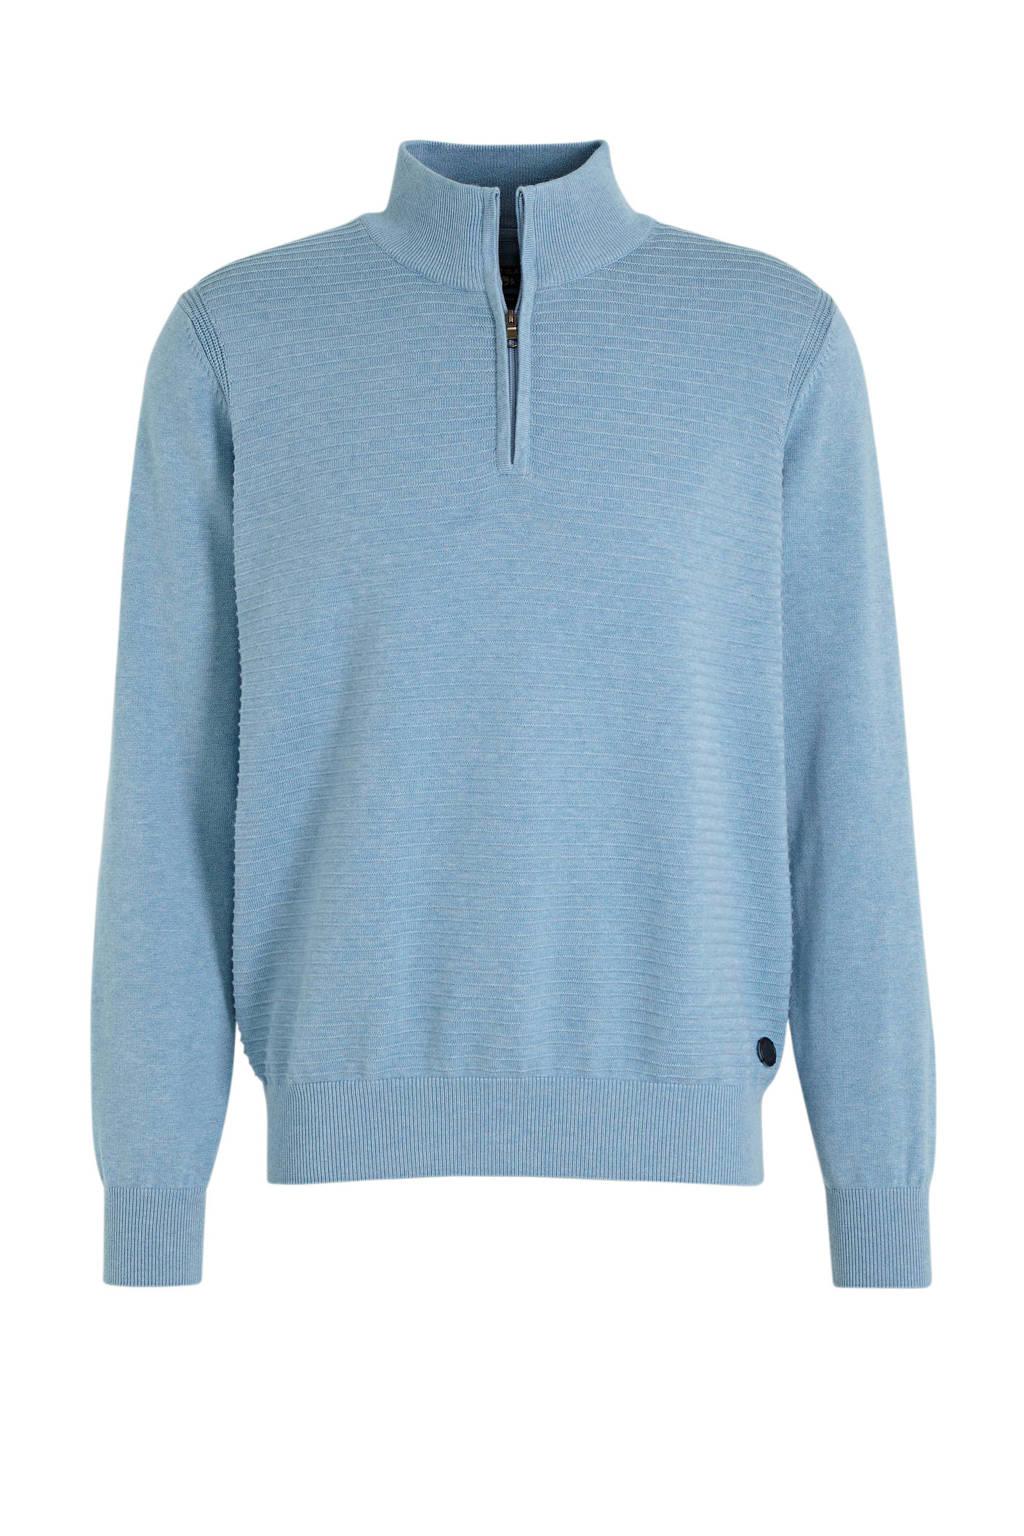 State of Art trui met textuur lichtblauw, Lichtblauw